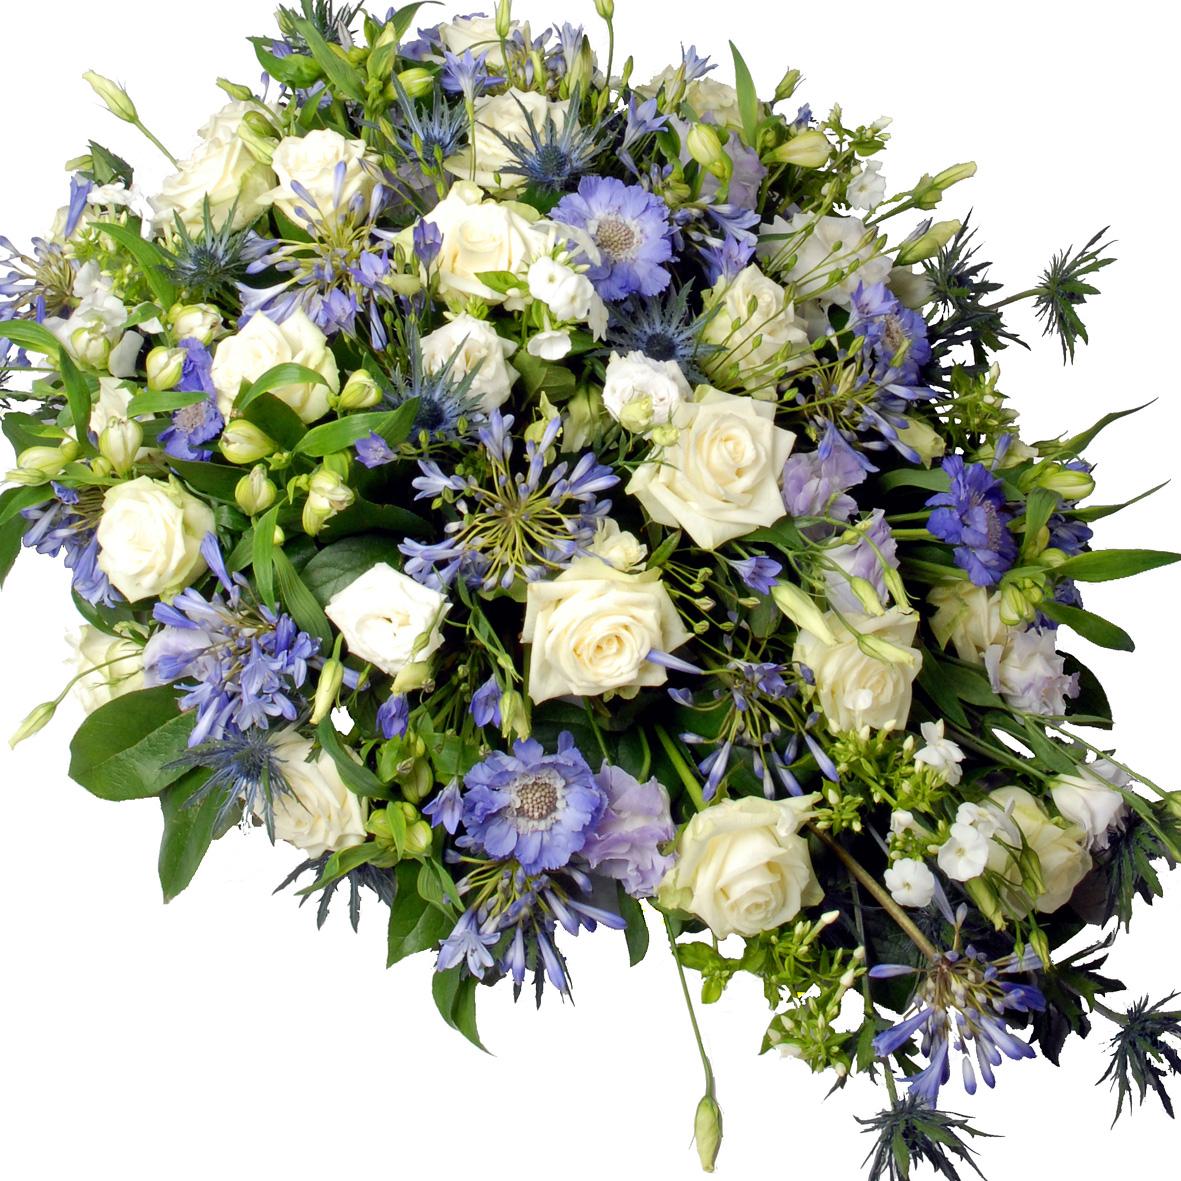 Rouwstuk ovaal blauw - paars - wit